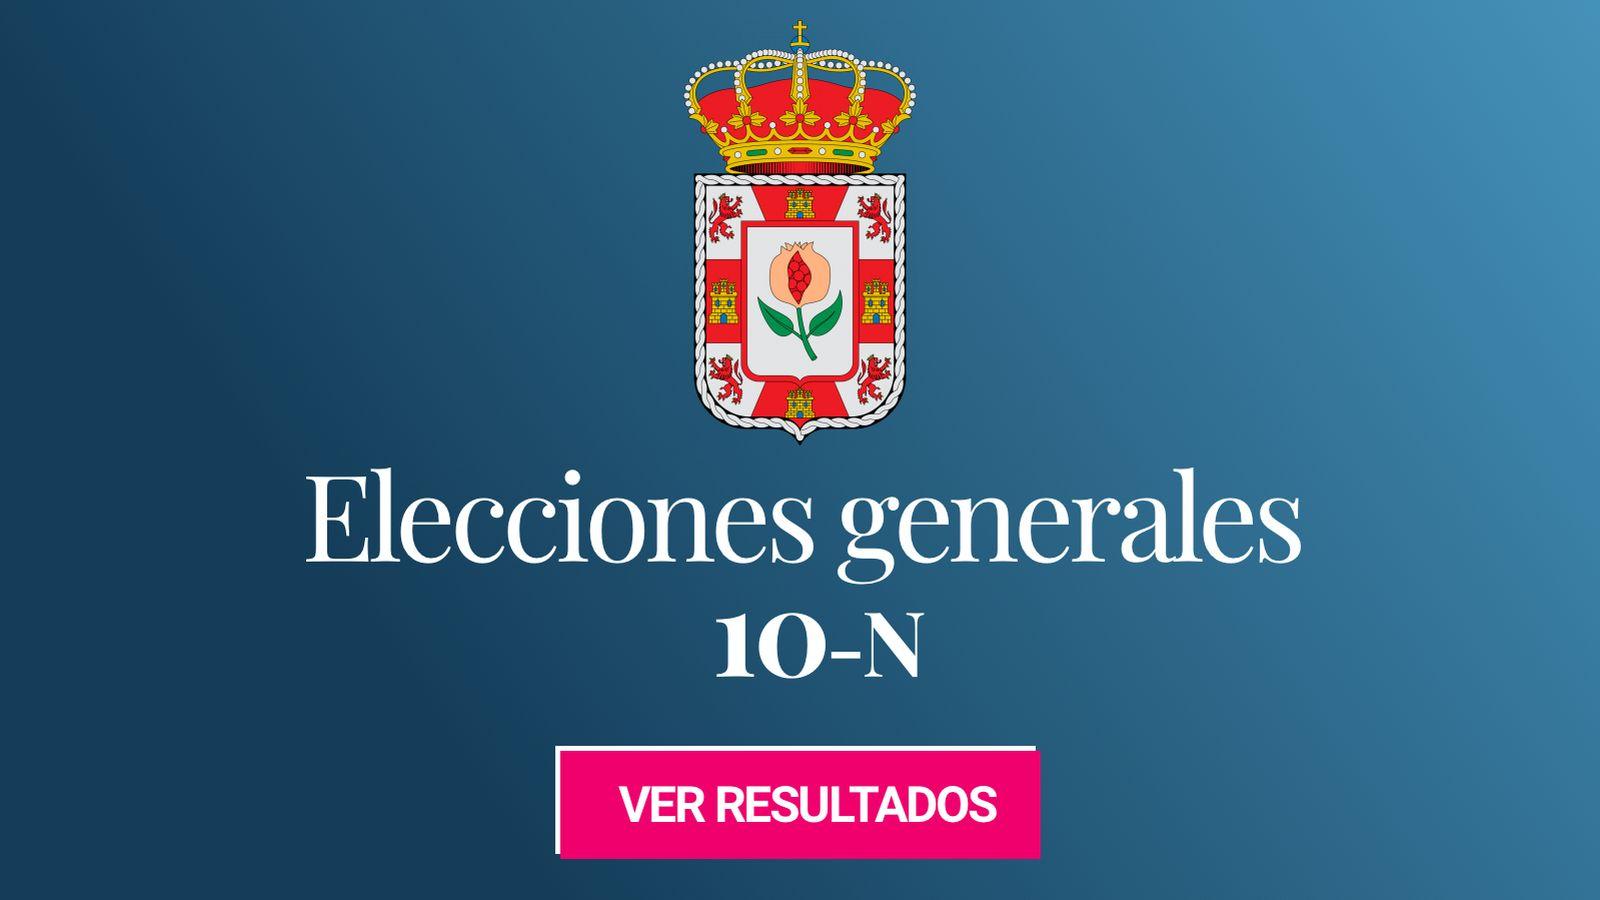 Foto: Elecciones generales 2019 en la provincia de Granada. (C.C./Erlenmeyer)